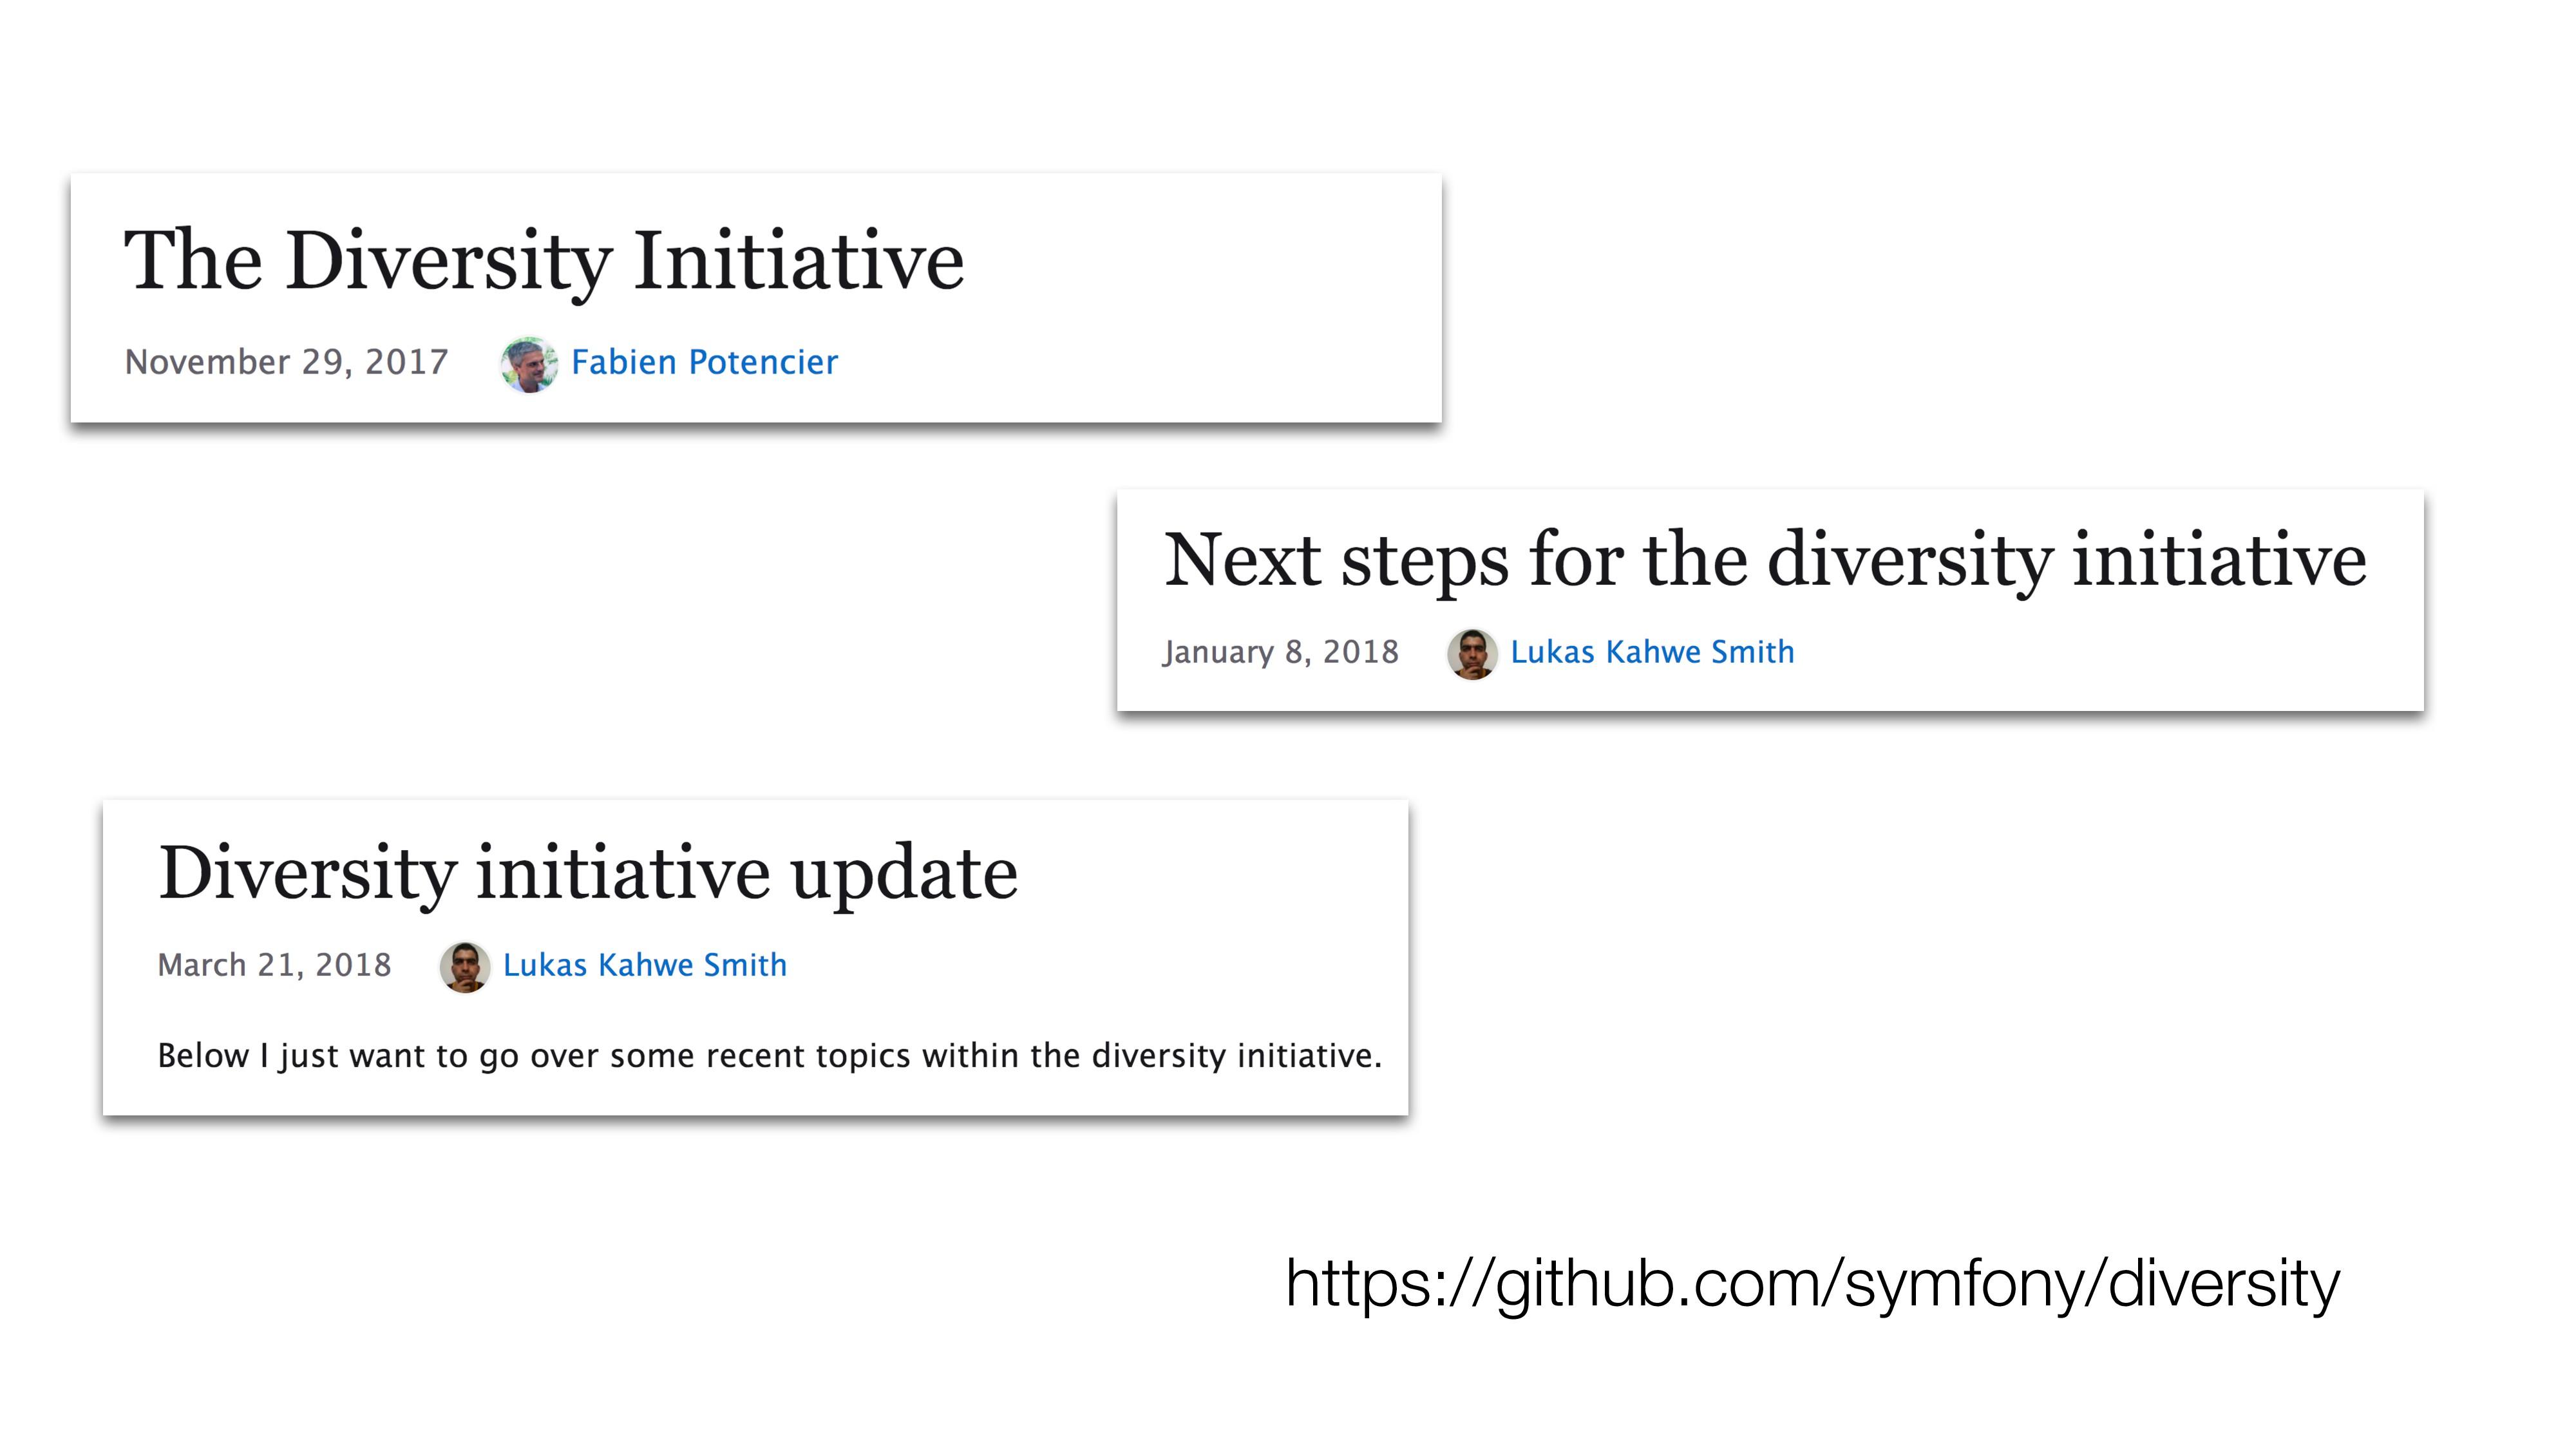 https://github.com/symfony/diversity